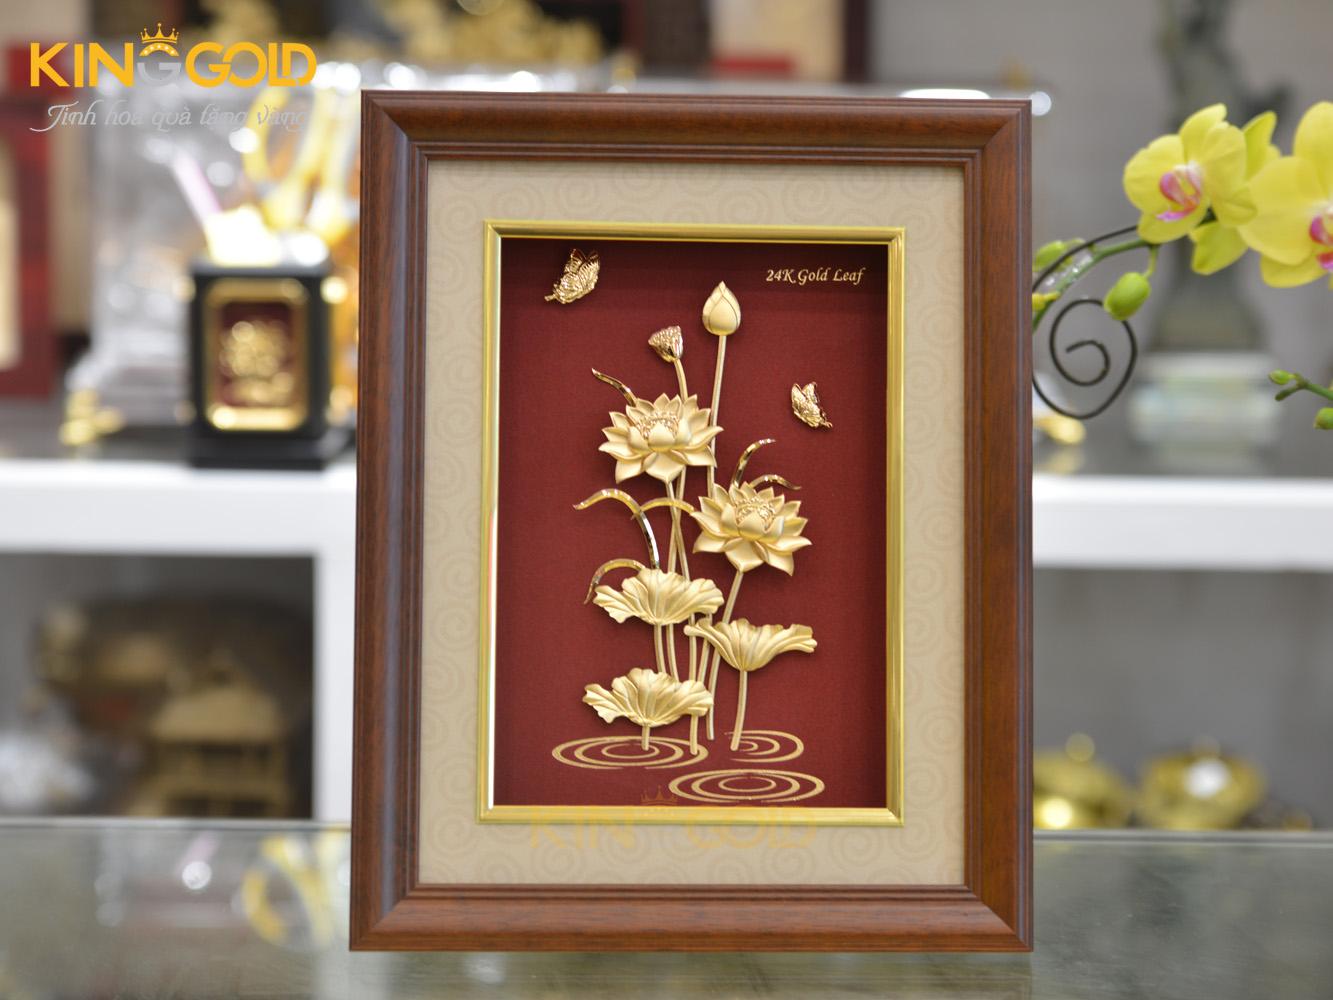 Quà vàng 24k tranh hoa sen mạ vàng - Quà tặng ý nghĩa tặng mẹ tặng vợ